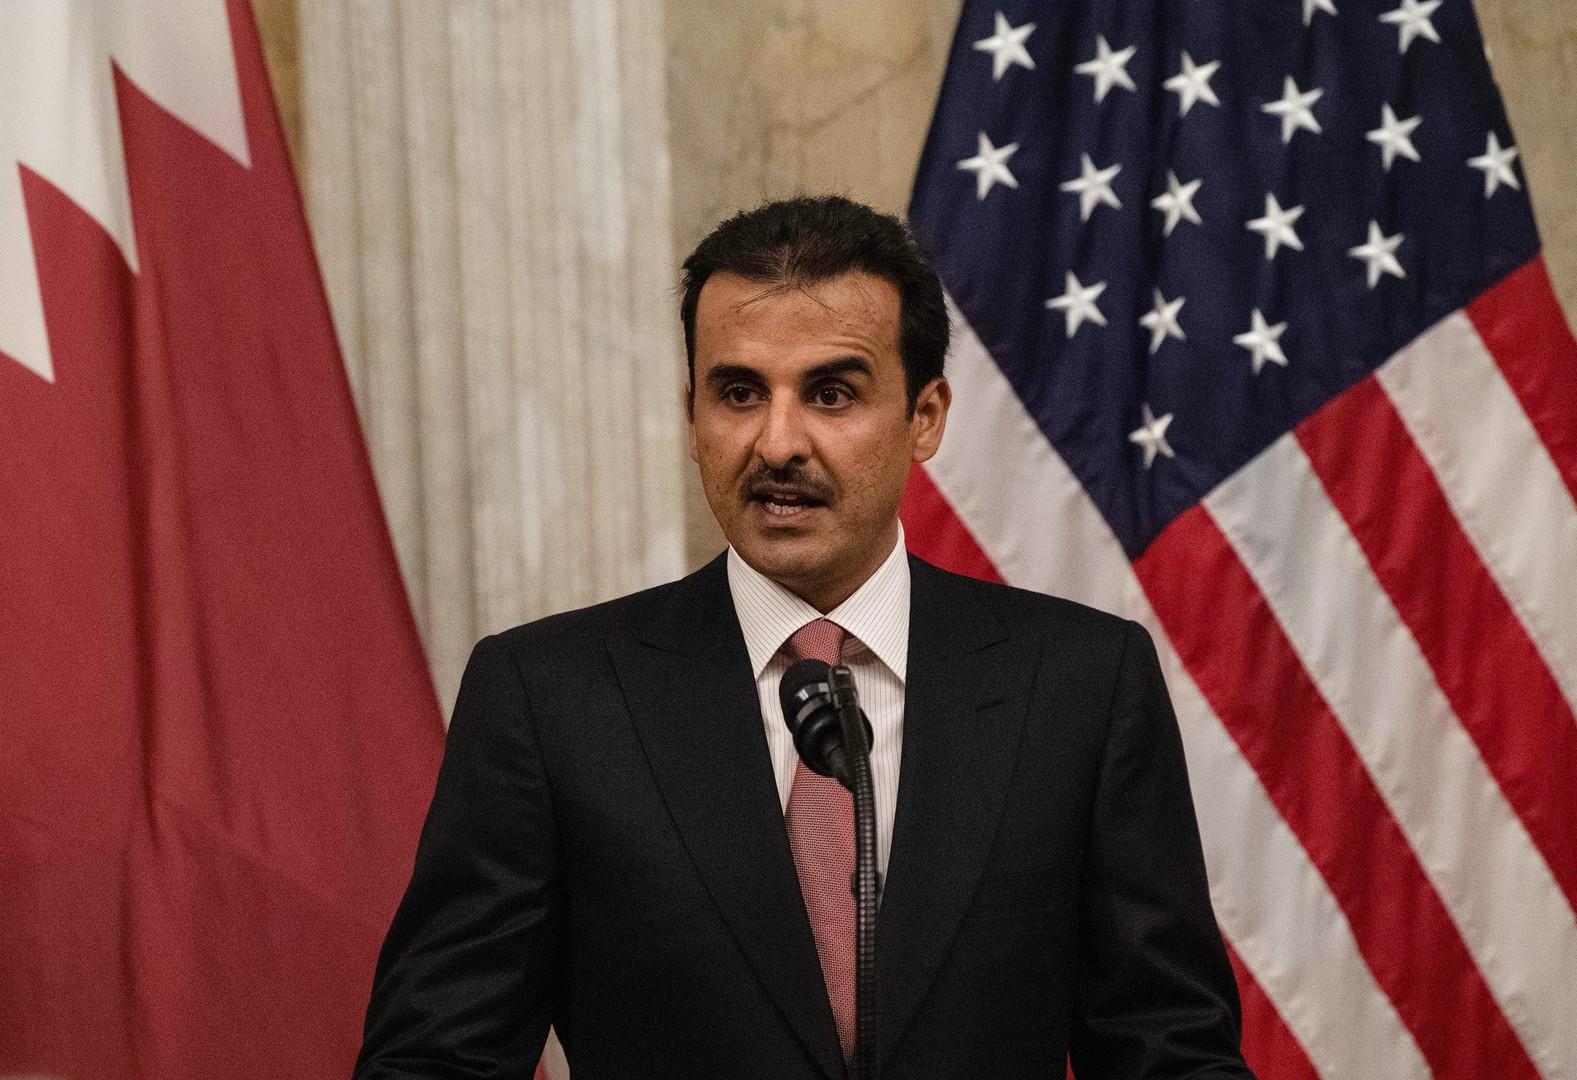 أمير قطر لترامب: أحيانا يجب التحالف مع شركاء ليسوا أصدقاء